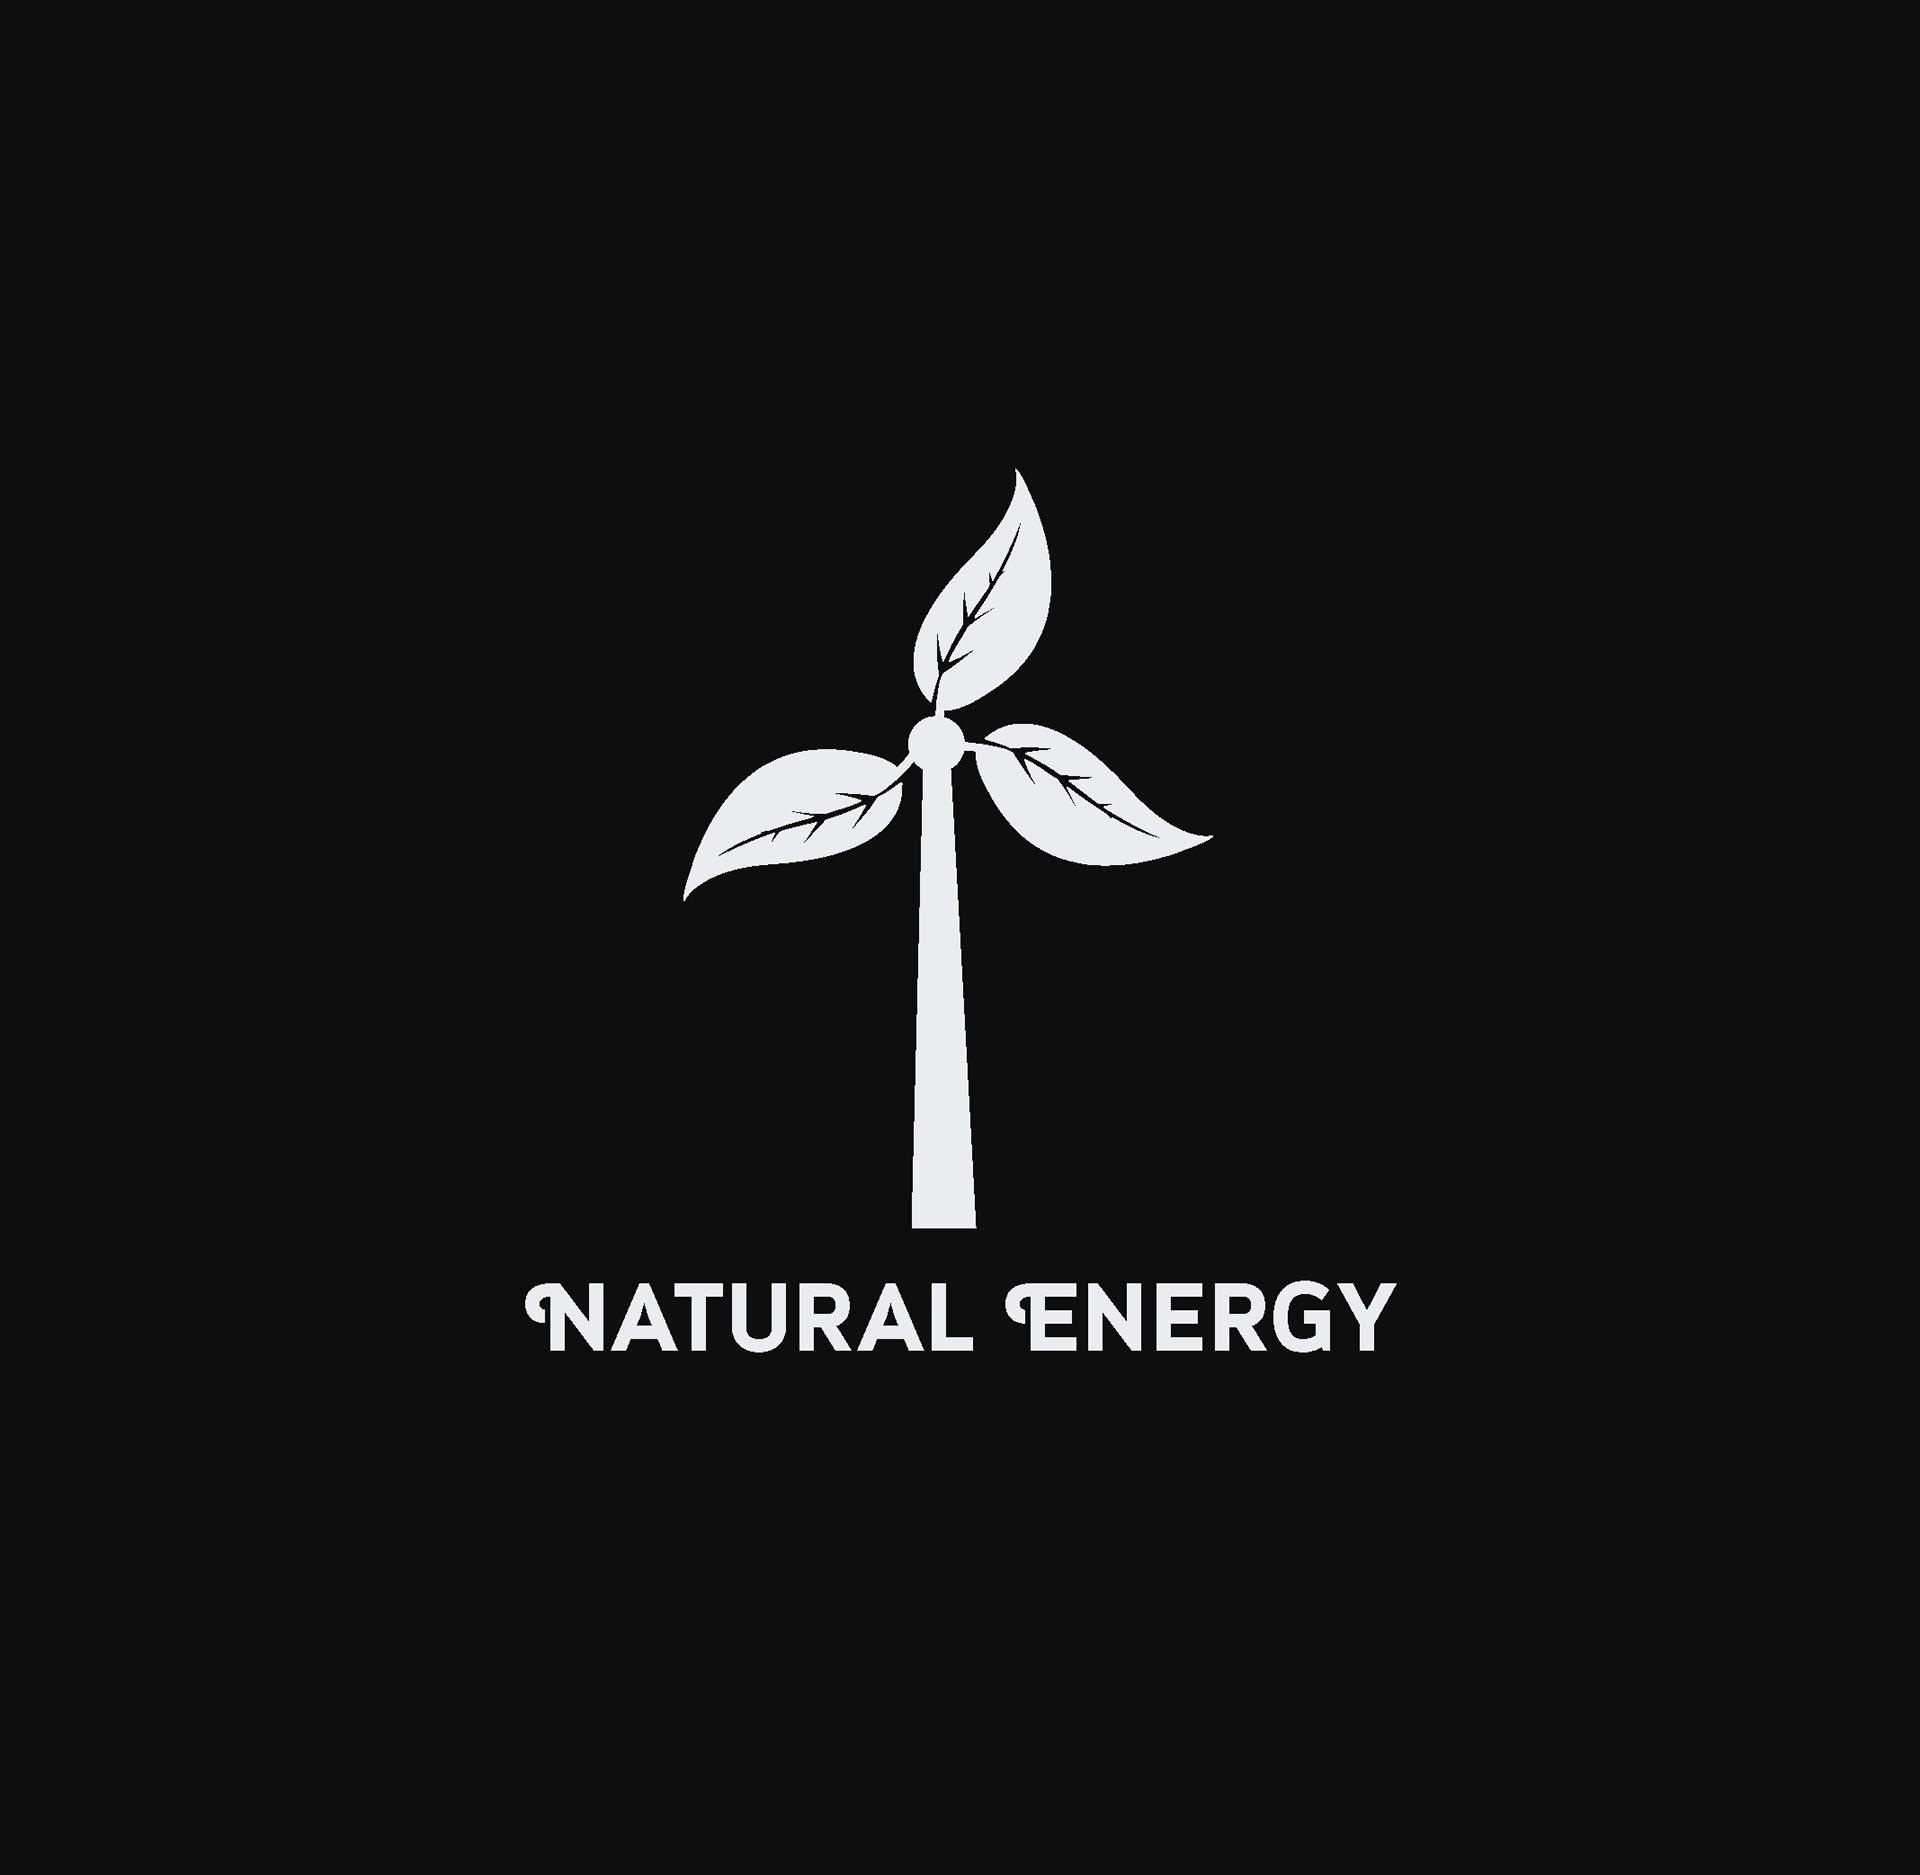 Nathan Covert Hidden Meaning Logos